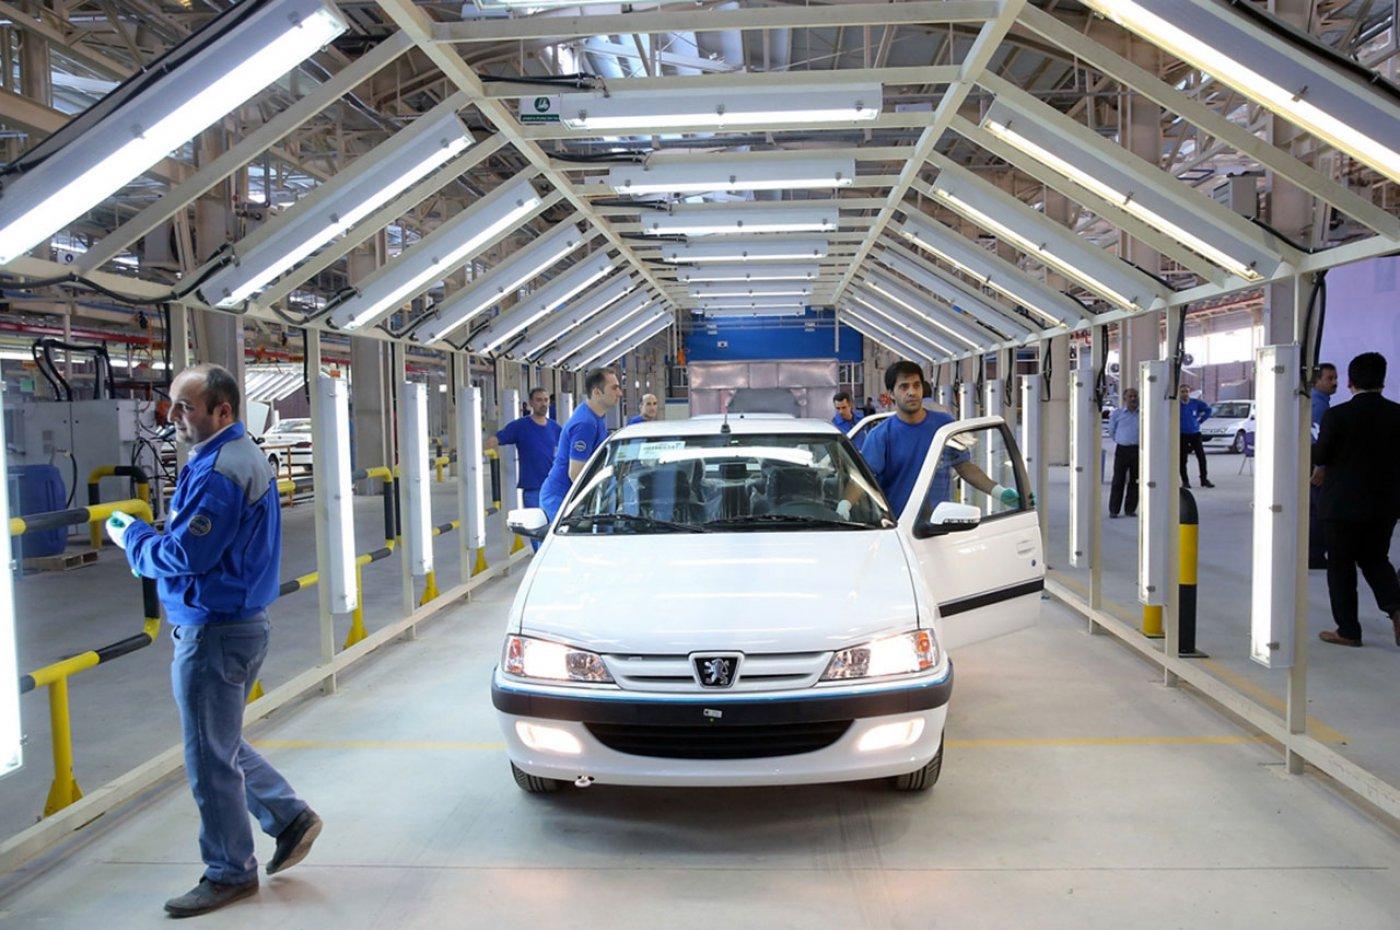 قیمت خودرو در بازار سه نرخی شد؛ تکرار ماجرای ارزهای چند نرخی در انتظار بازار خودرو - 5